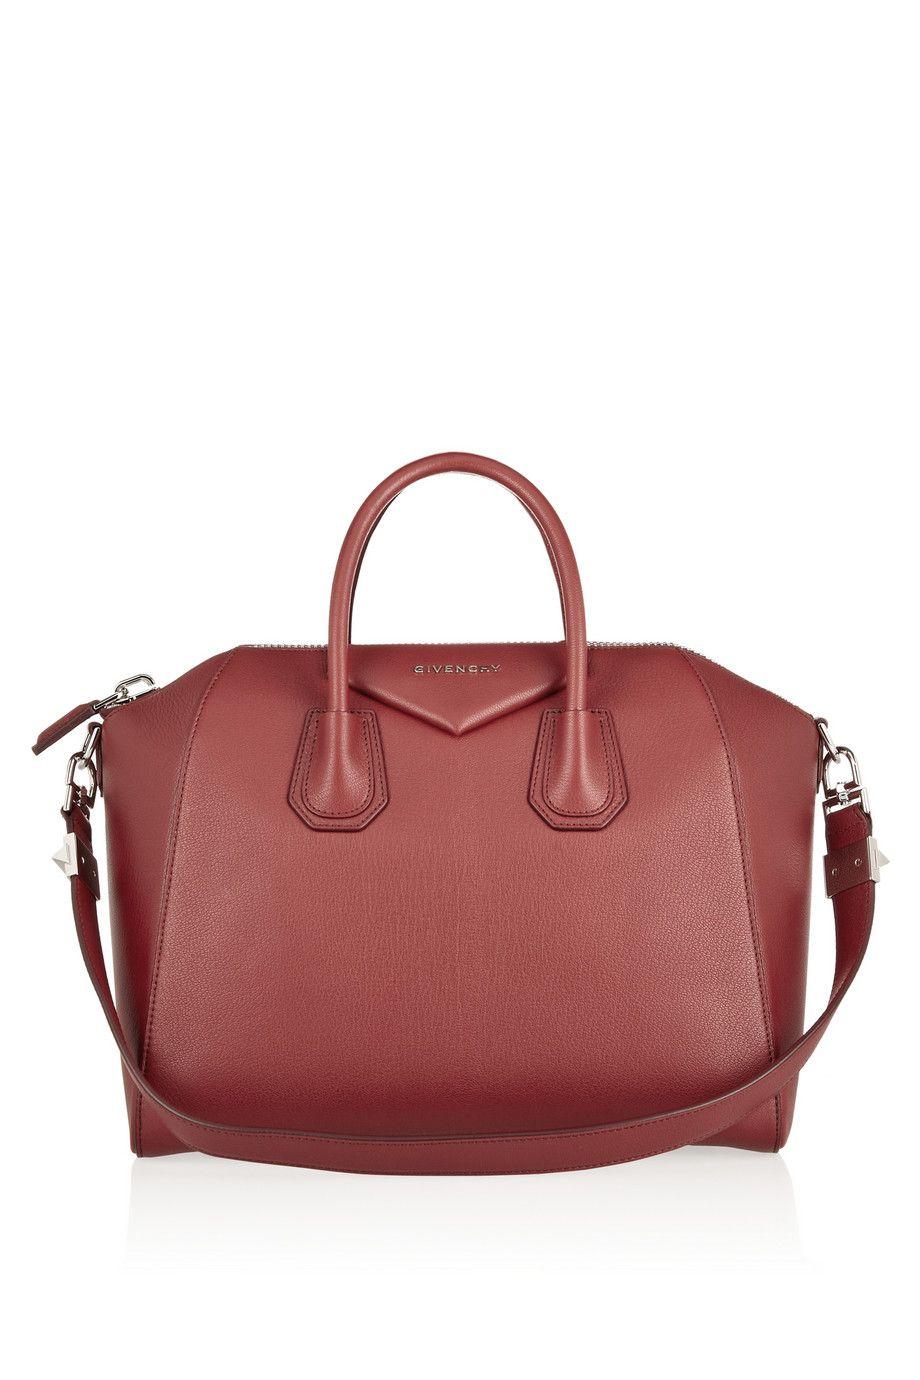 f73abd01b1d Givenchy   Medium Antigona bag in claret leather   NET-A-PORTER.COM ...